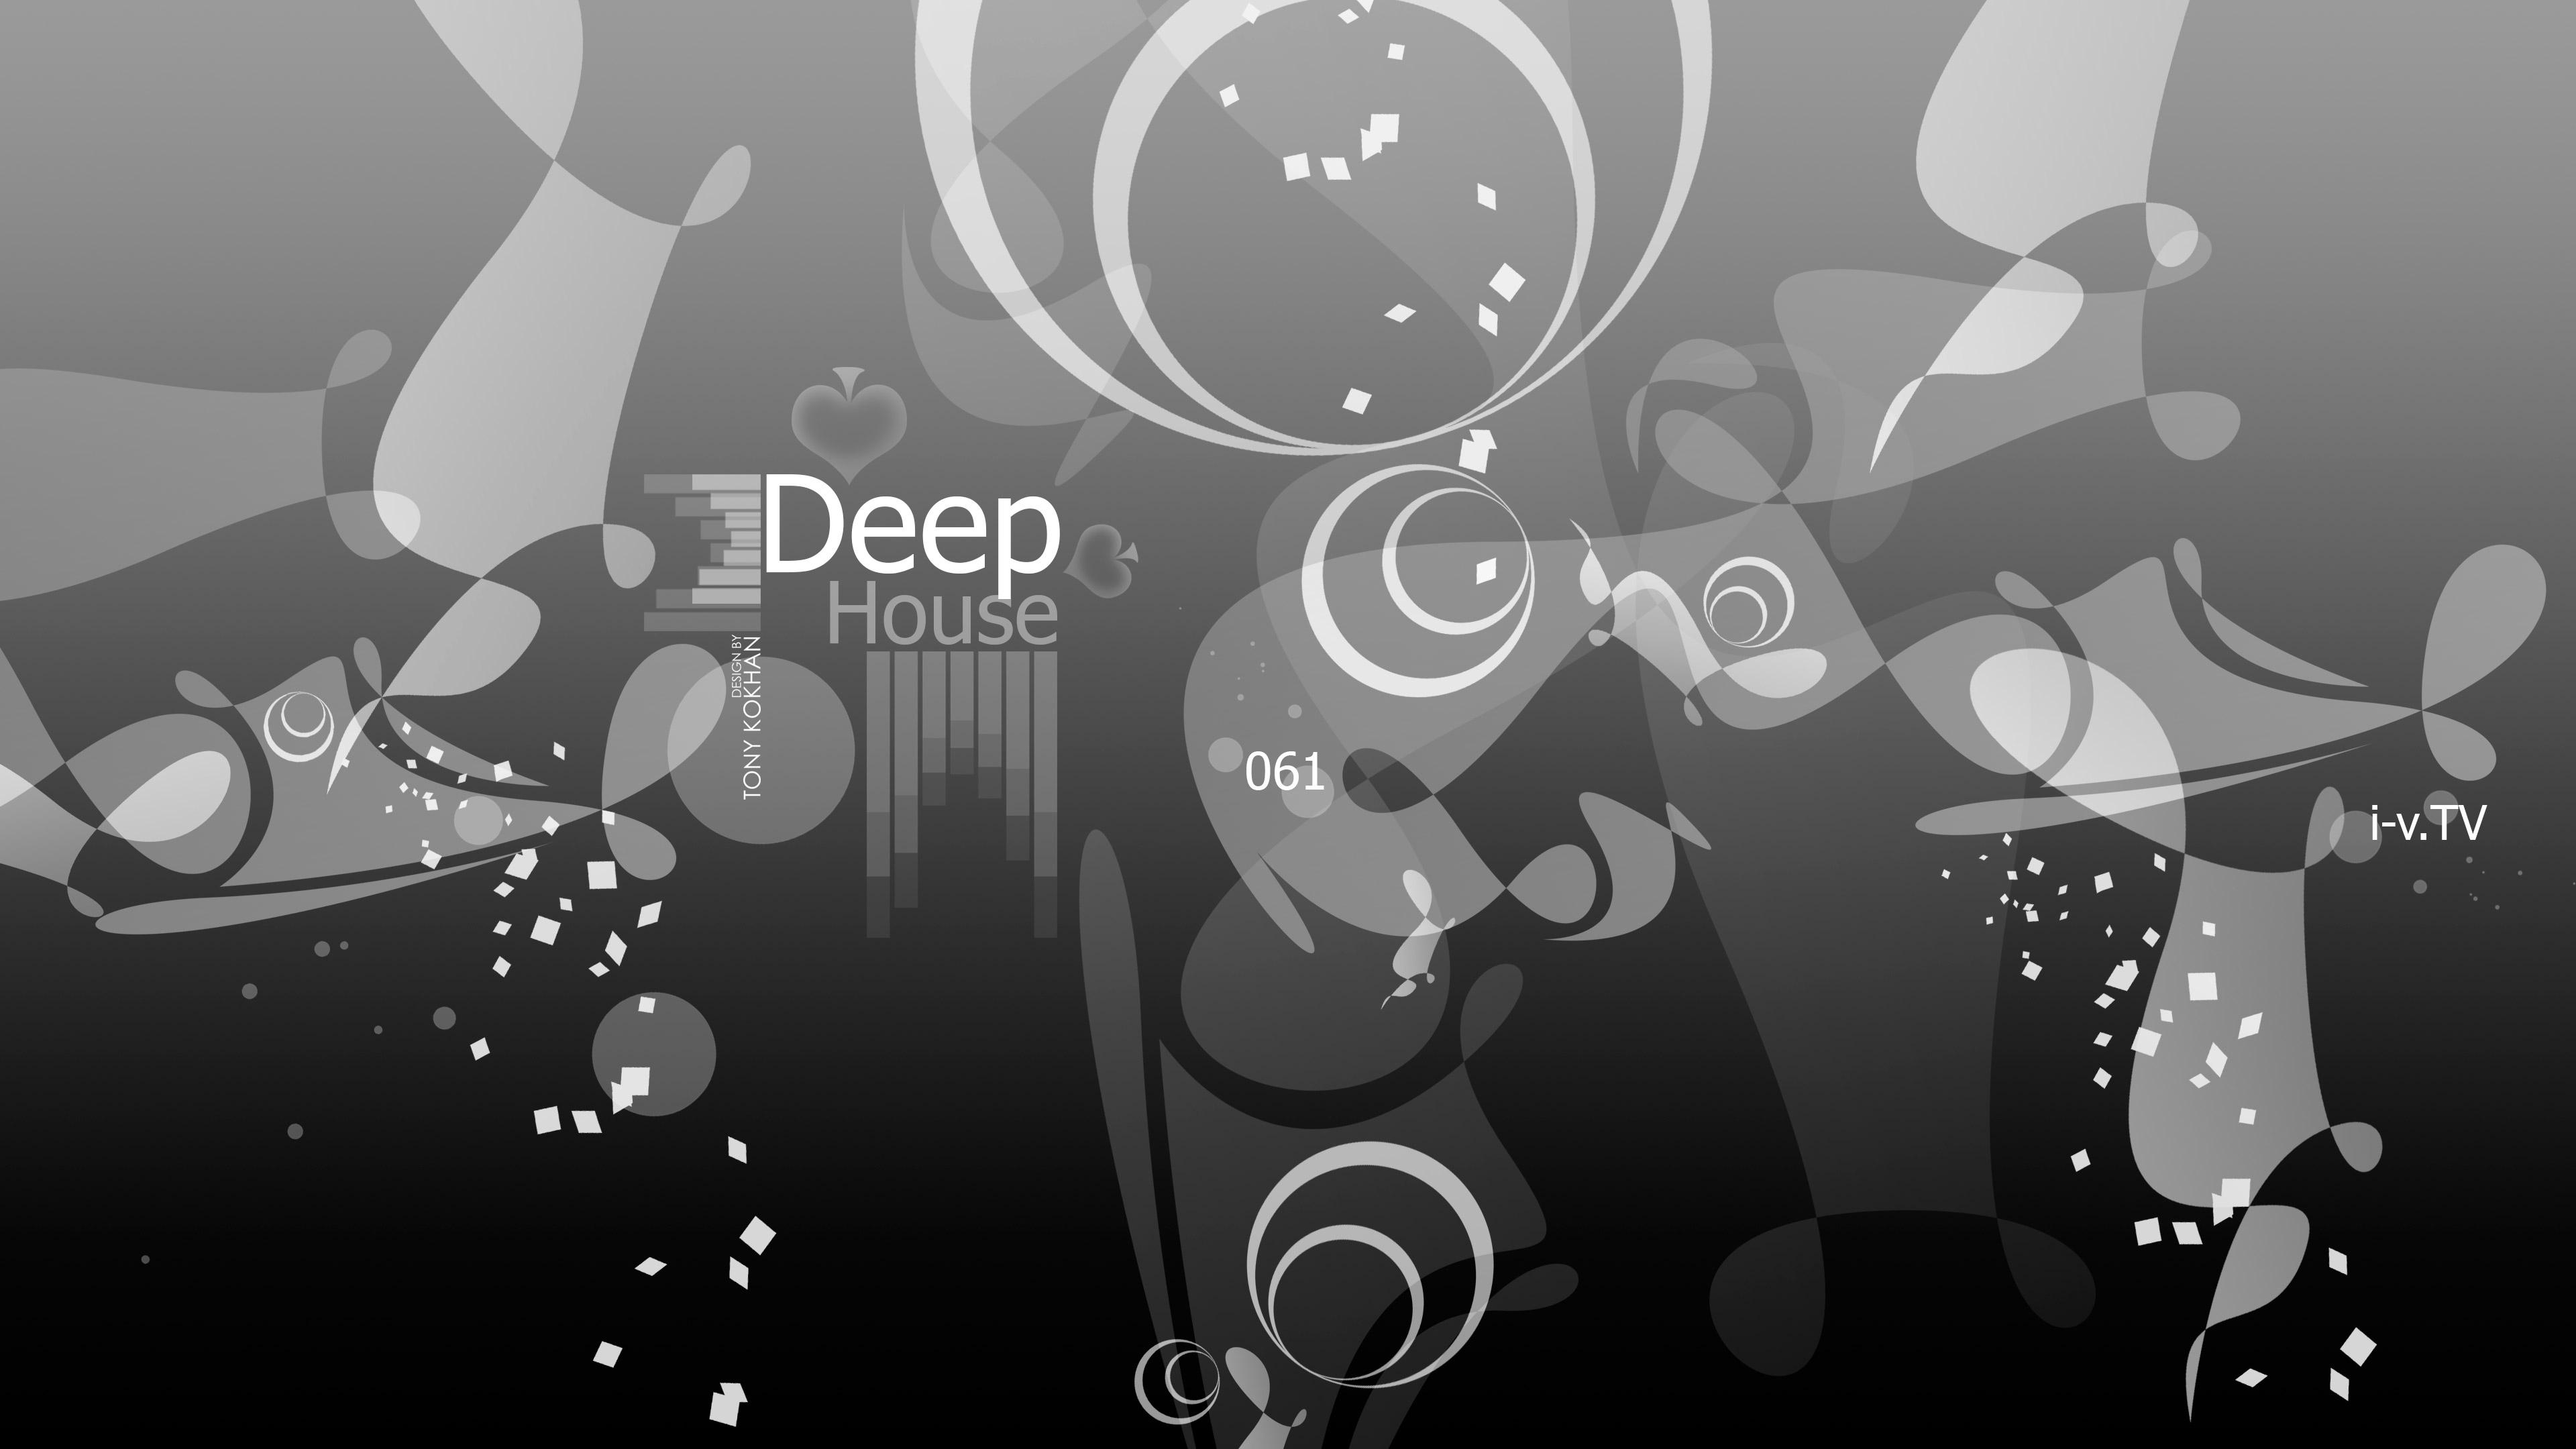 Deep House Music eQ SC Sixty One 2016 Tony Kokhan 3840x2160